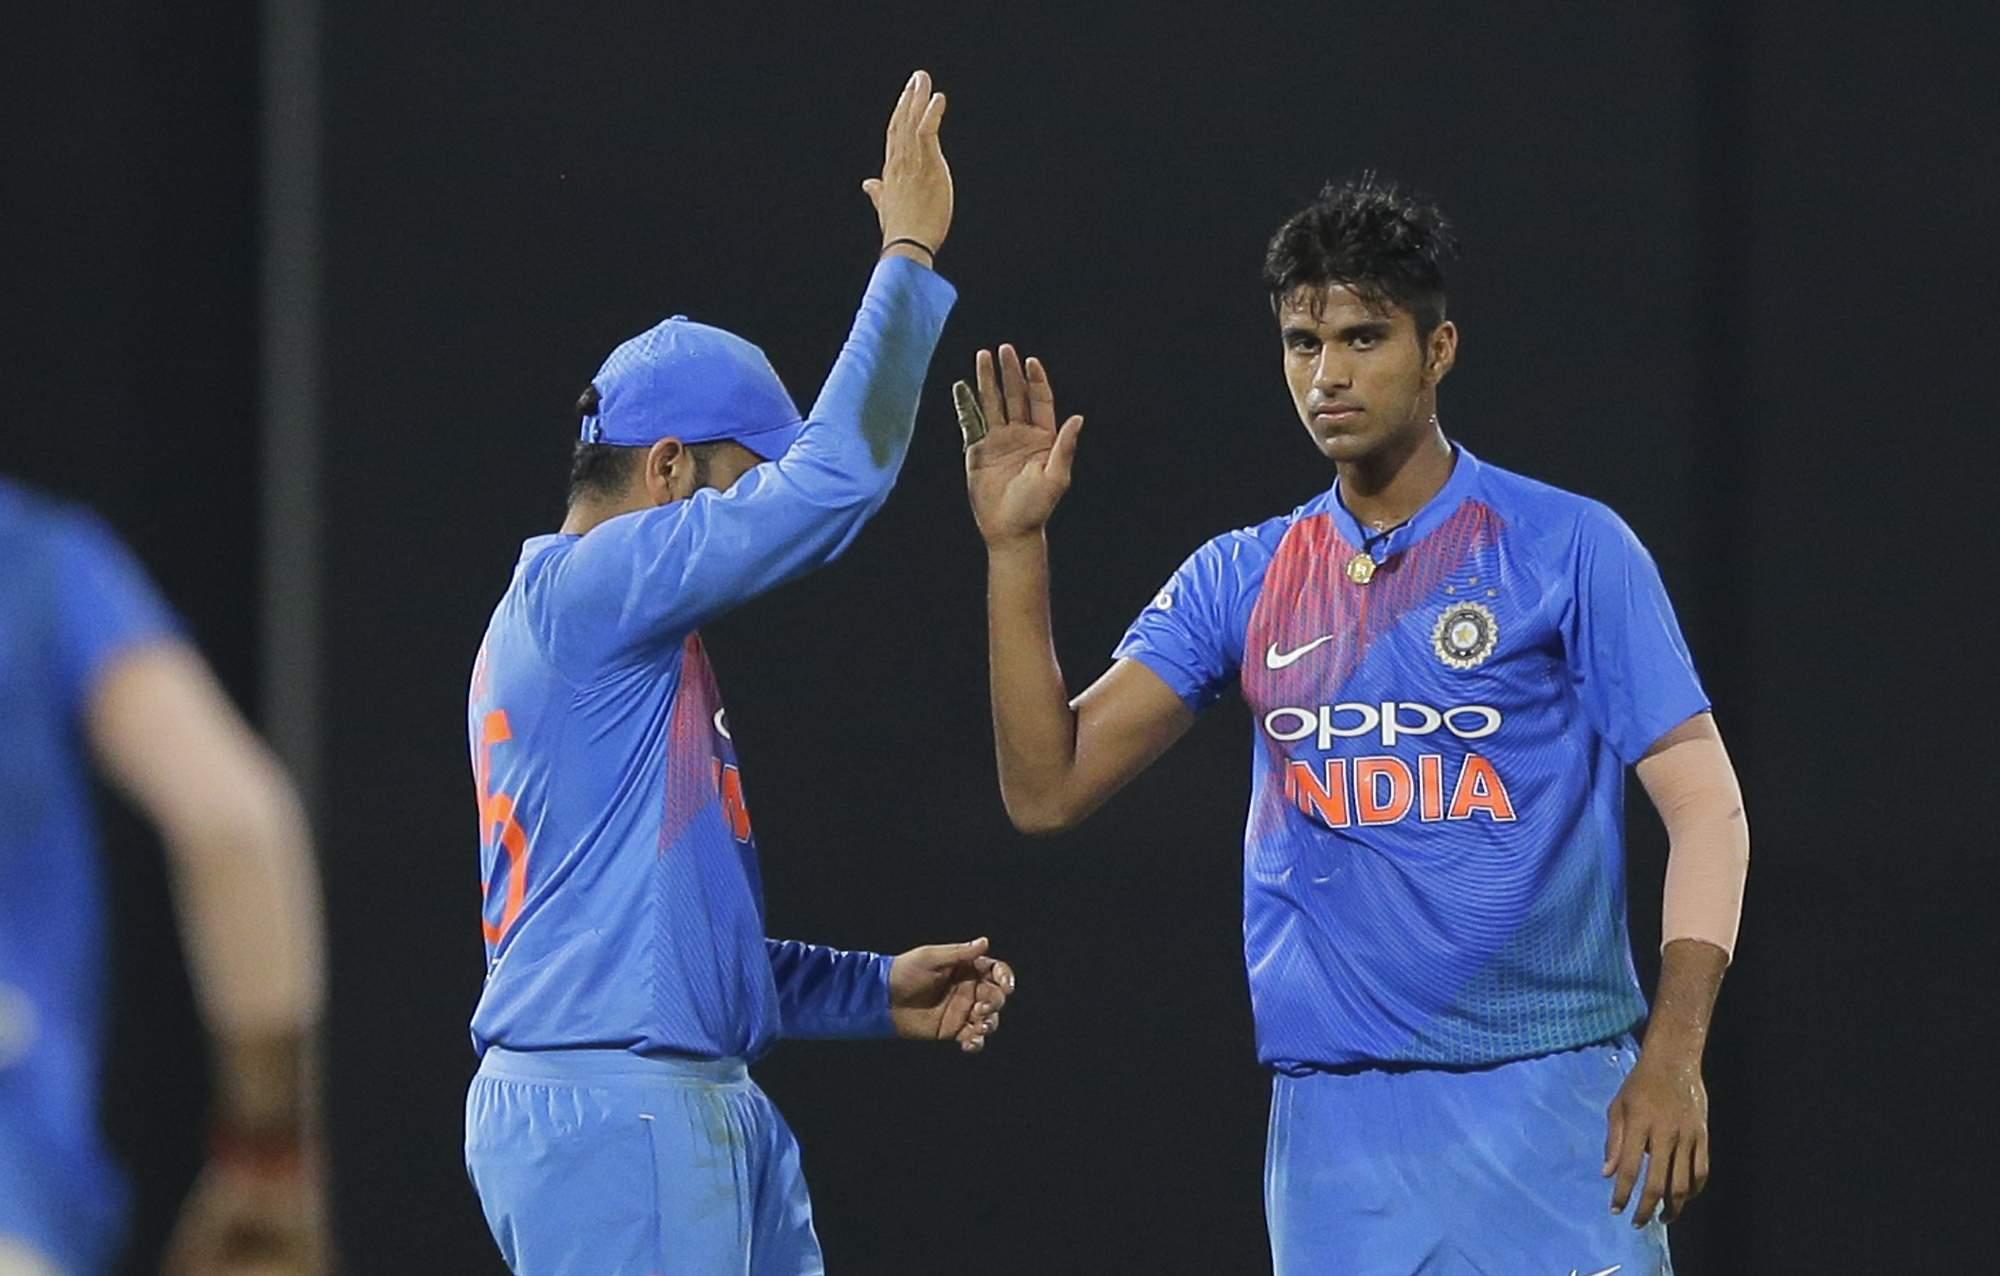 इंग्लैंड दौरे से पहले ही भयभीत है भारतीय टीम का यह खिलाड़ी 7